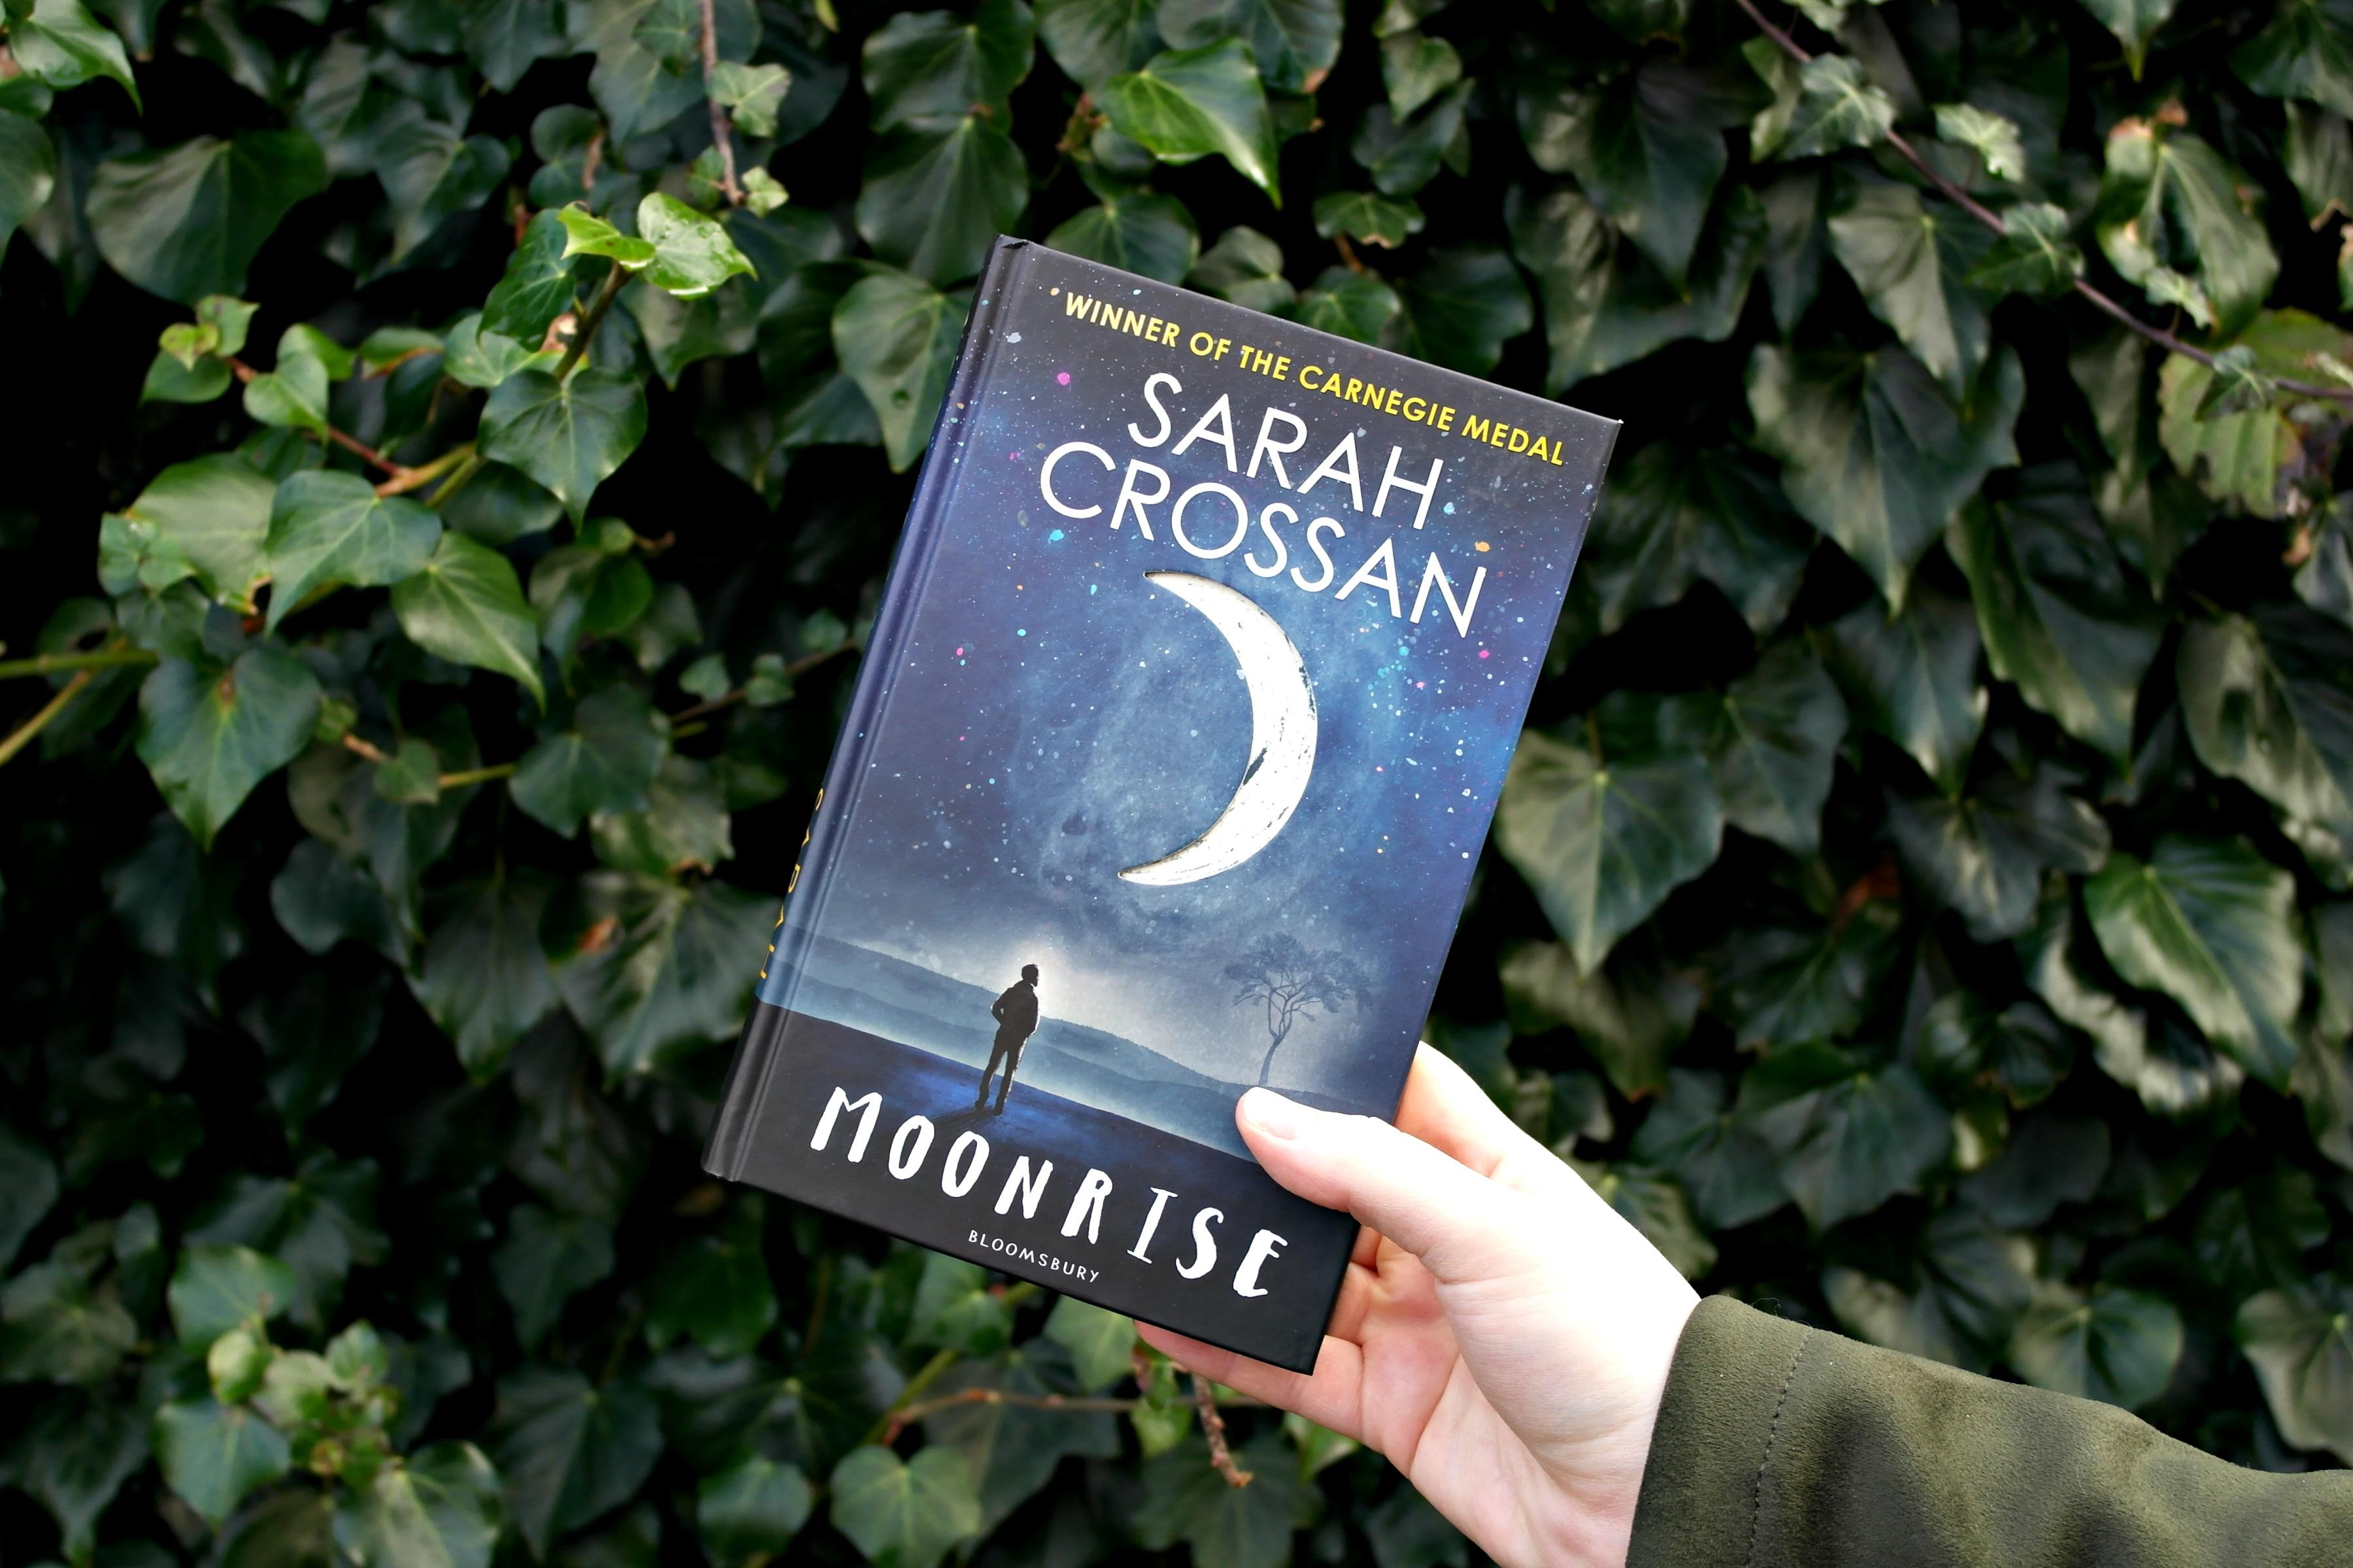 MoonriseSarahCrossanReview